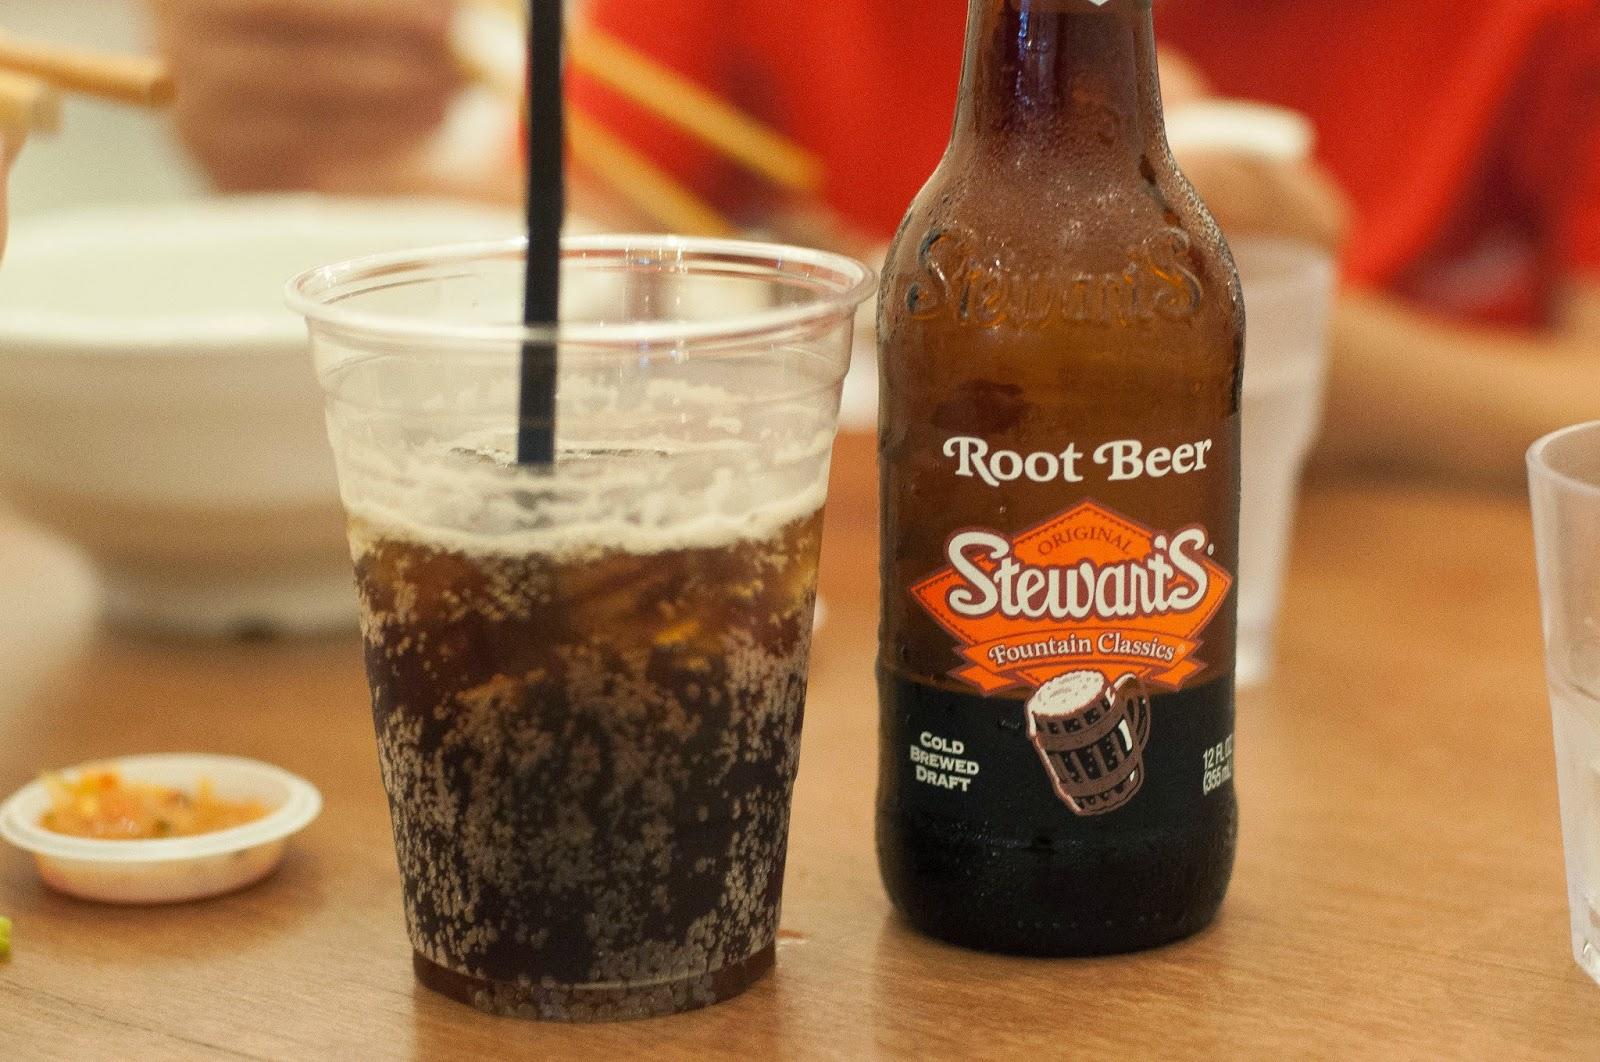 Stewart's Root Beer Singapore